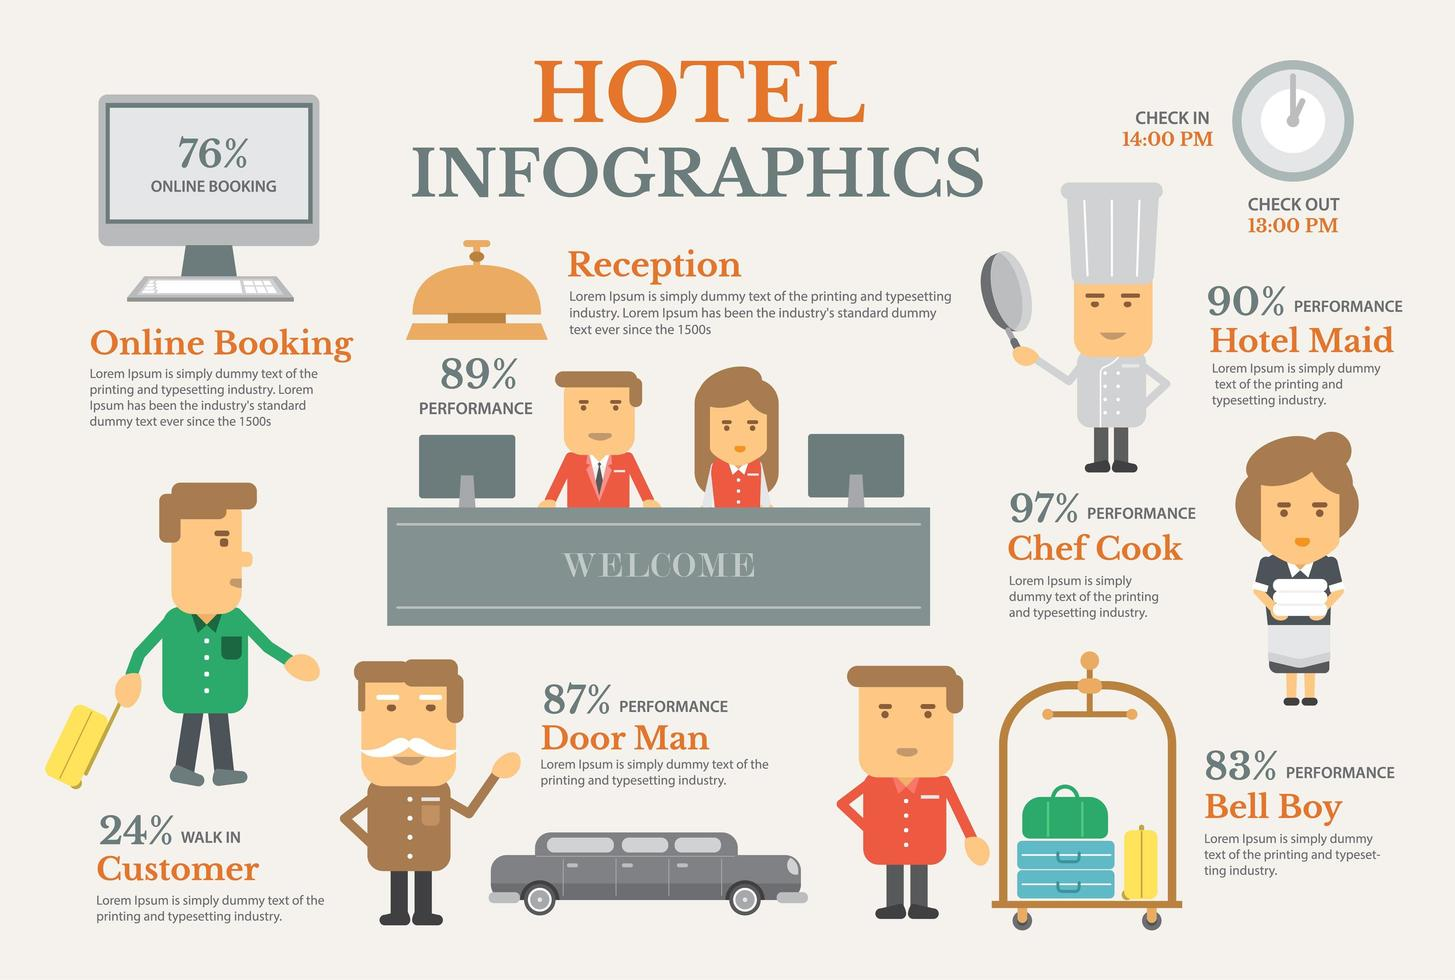 servicio de hotel infografía vector